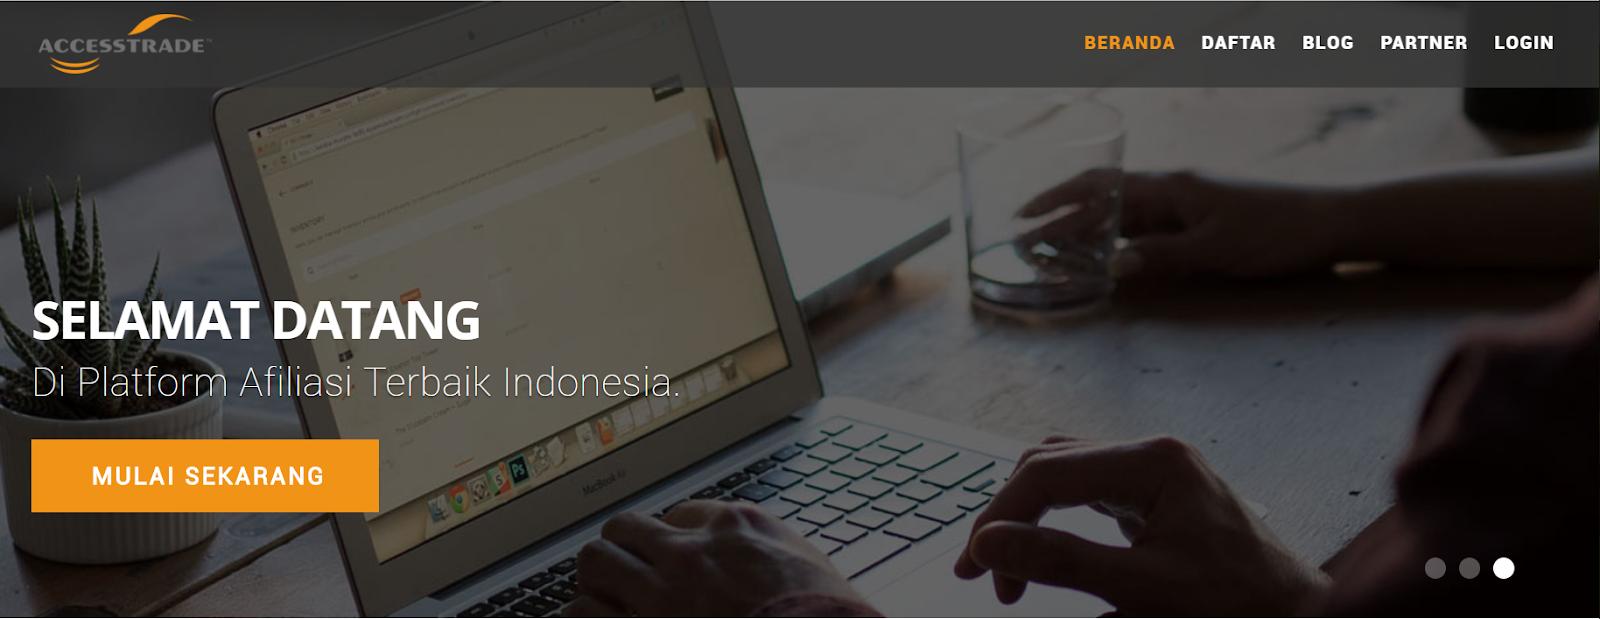 accesstrade indonesia